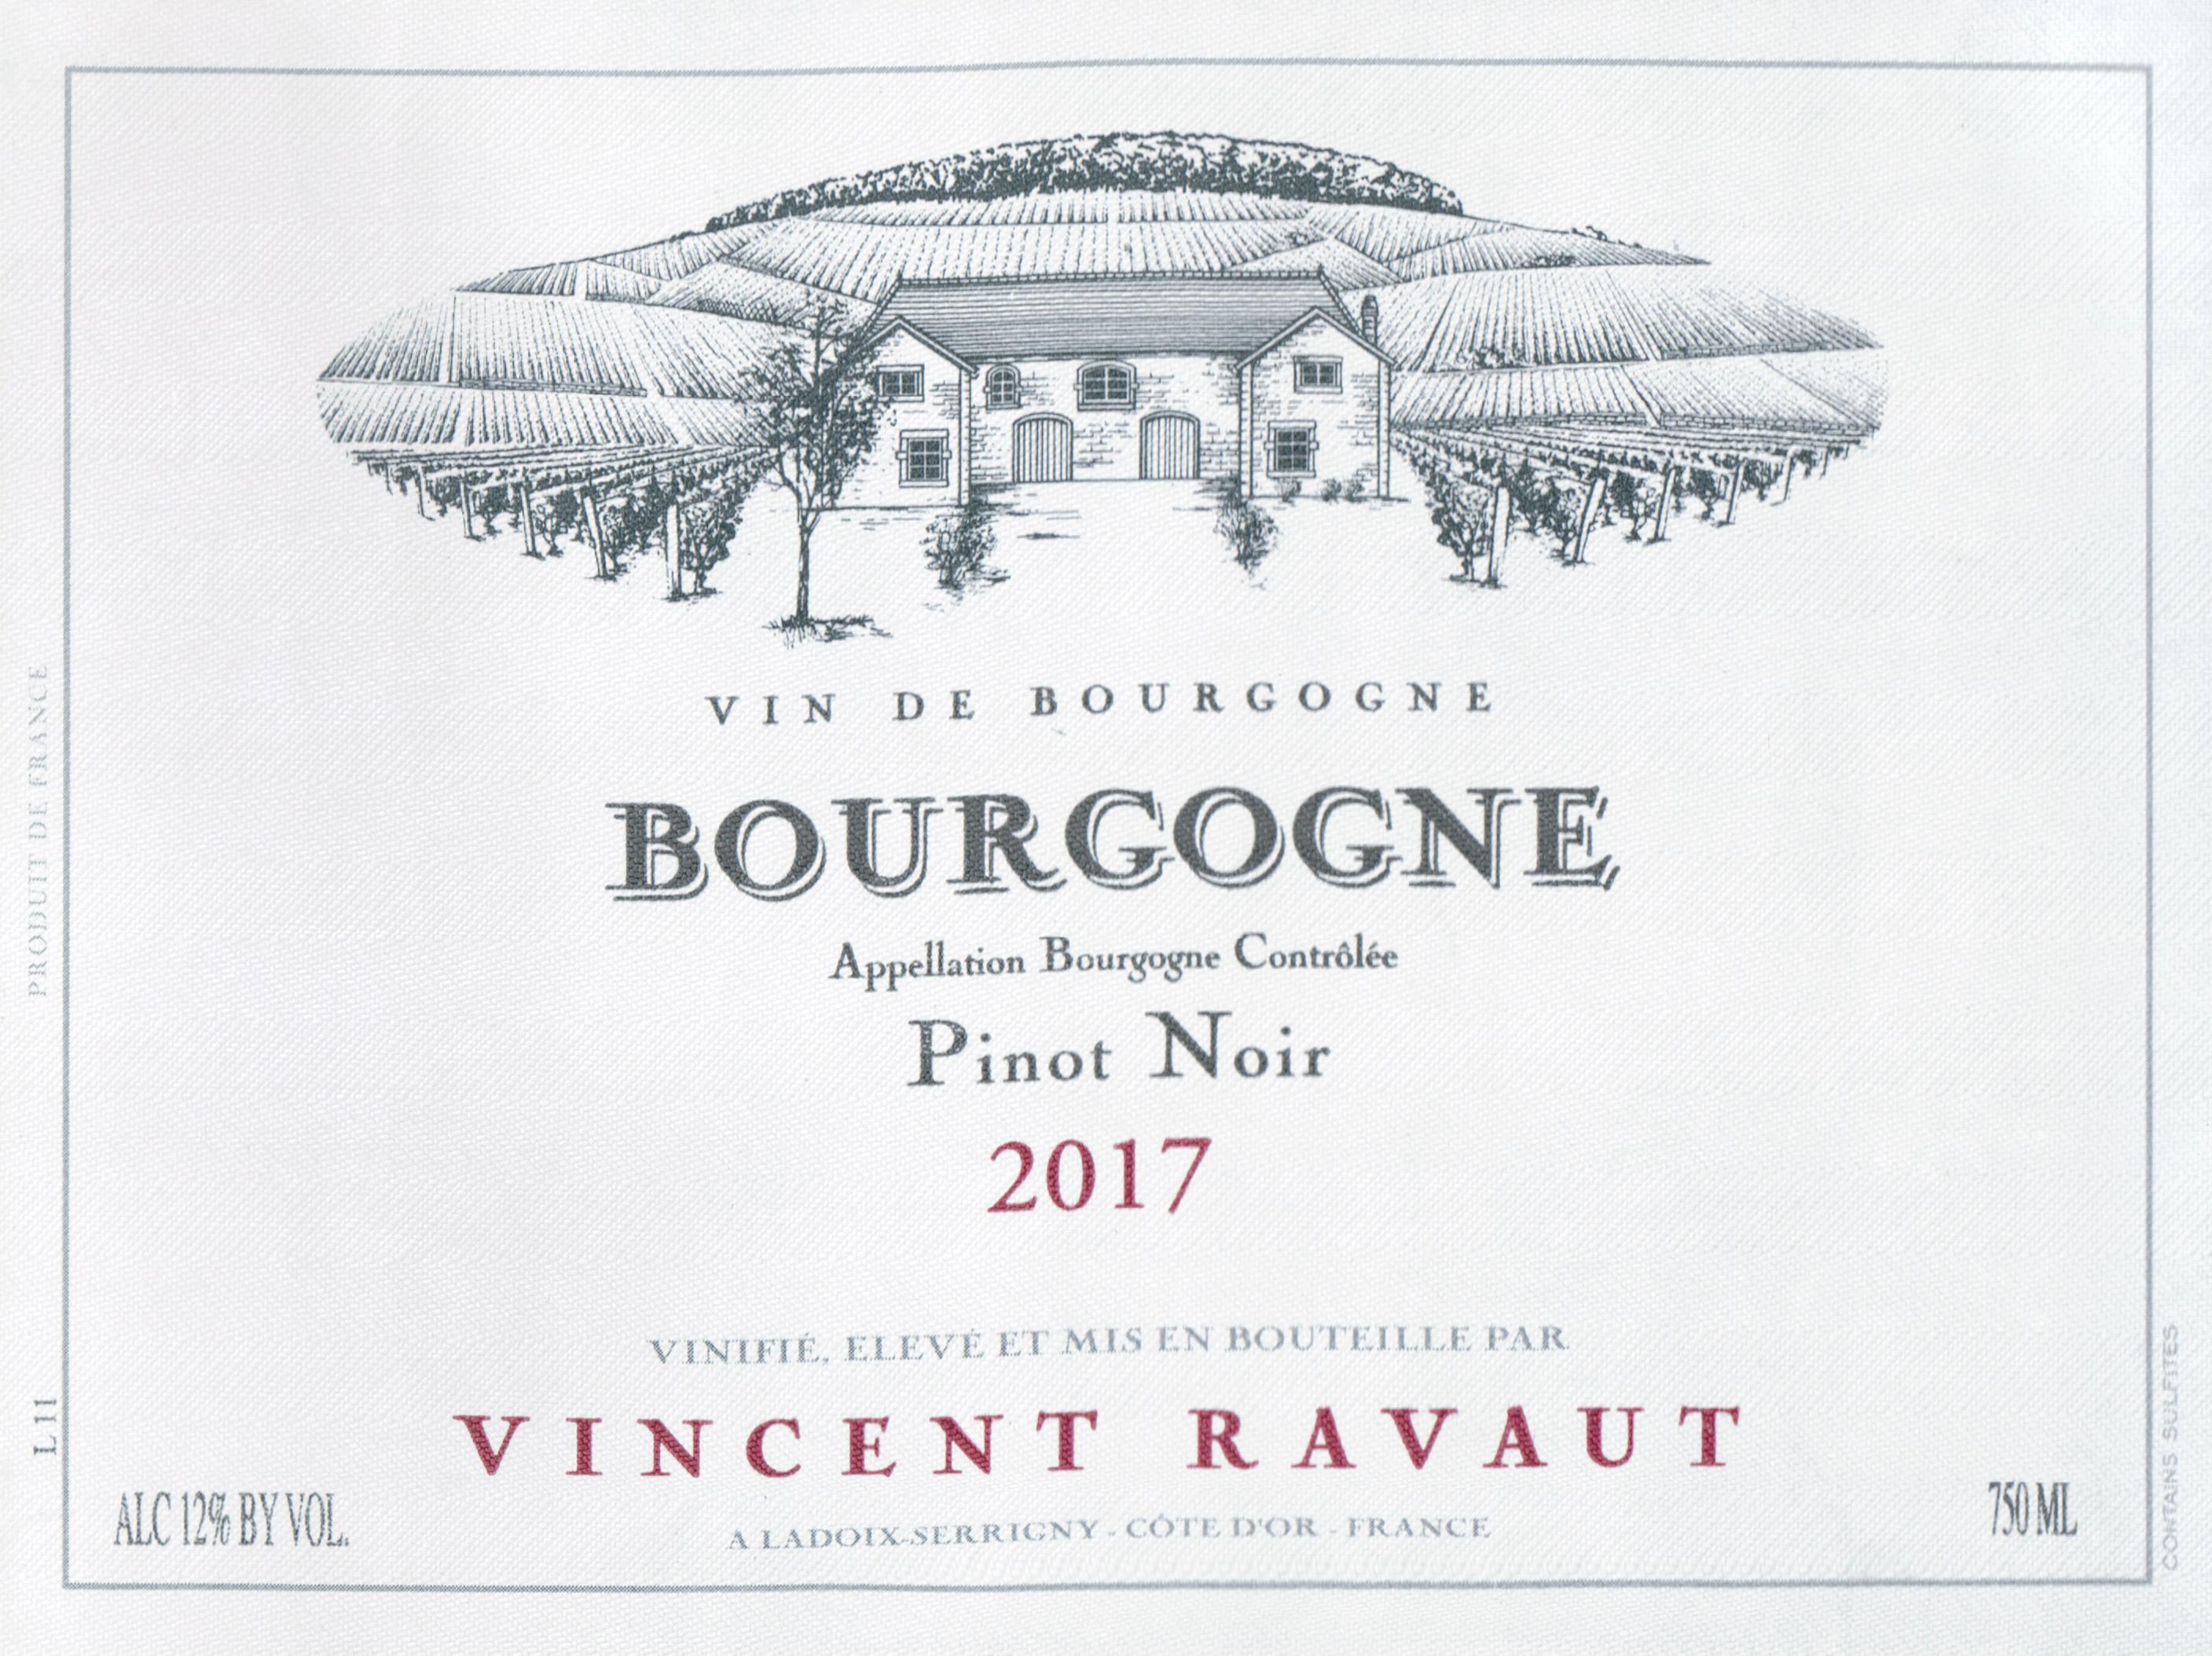 Domaine Vincent Ravaut Bourgogne Pinot Noir 2017